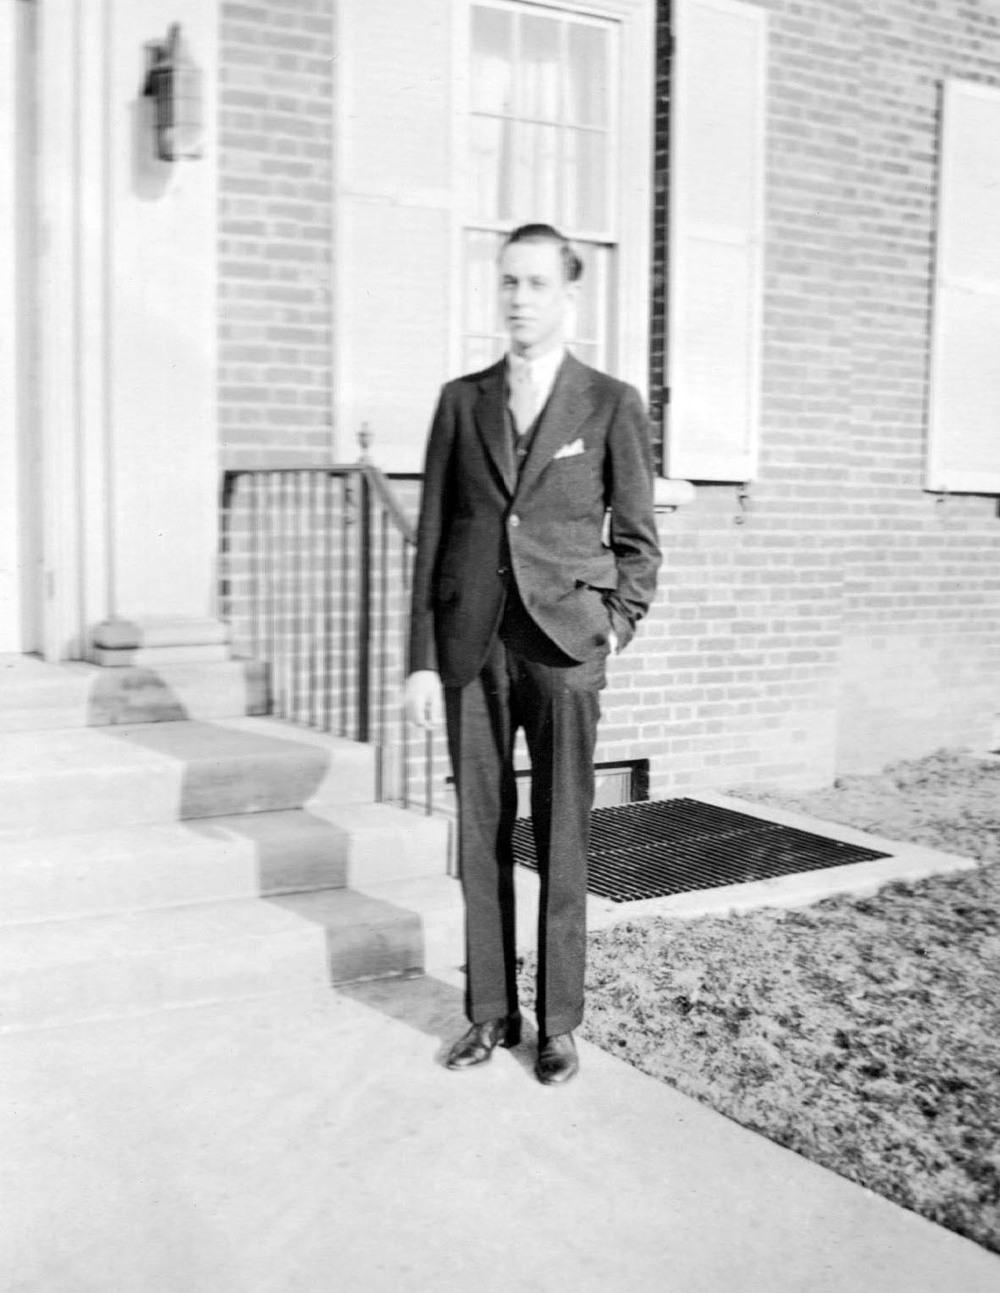 Thomas H. White 1936